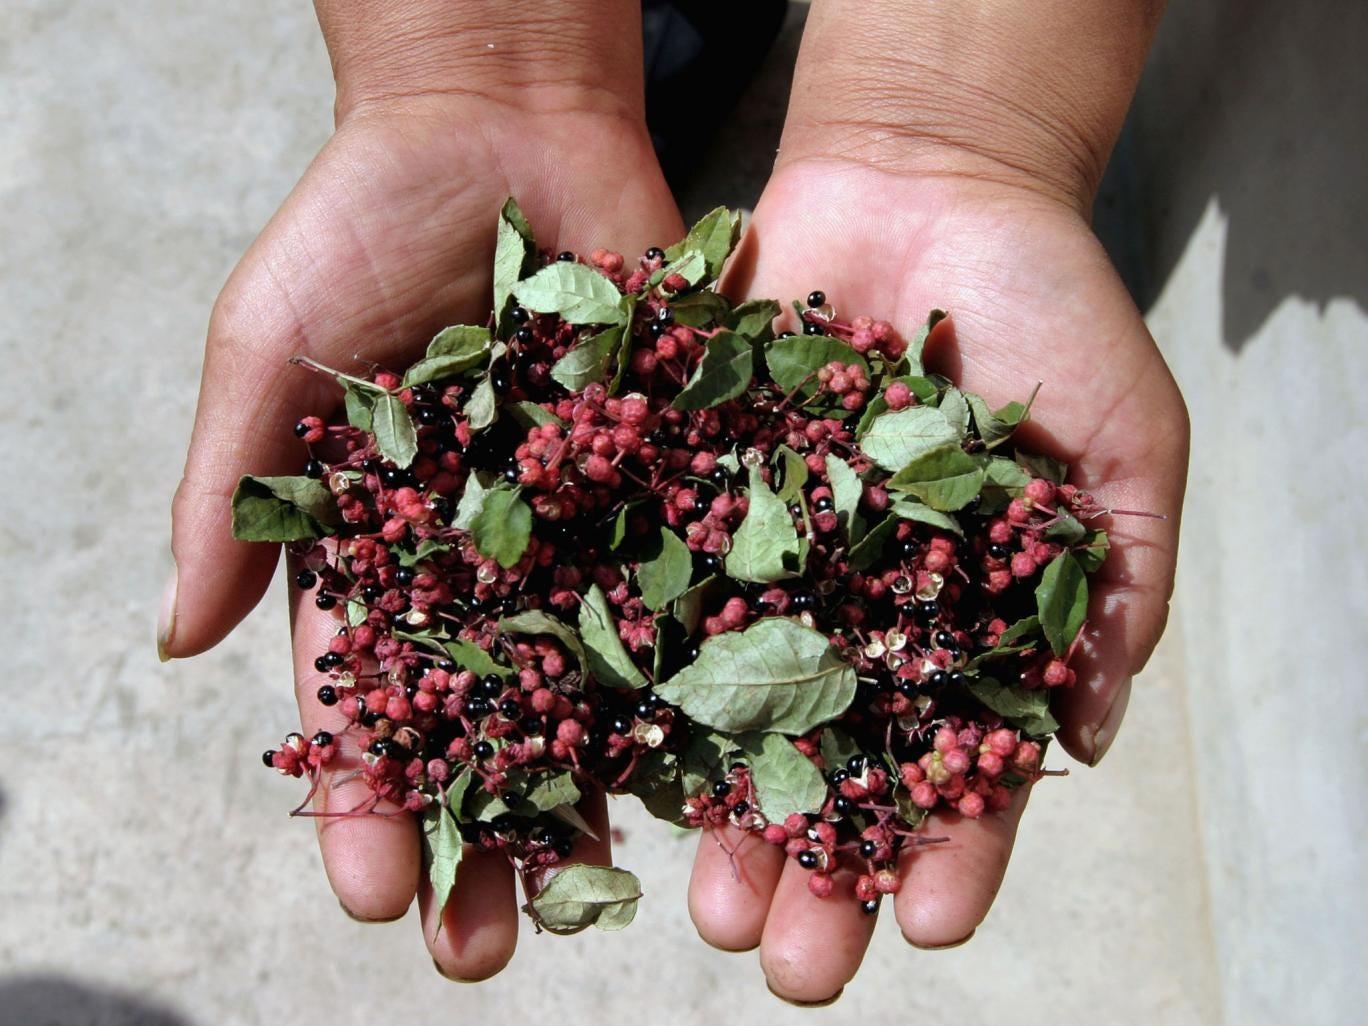 Szechuan peppercorns cause a unique sensation